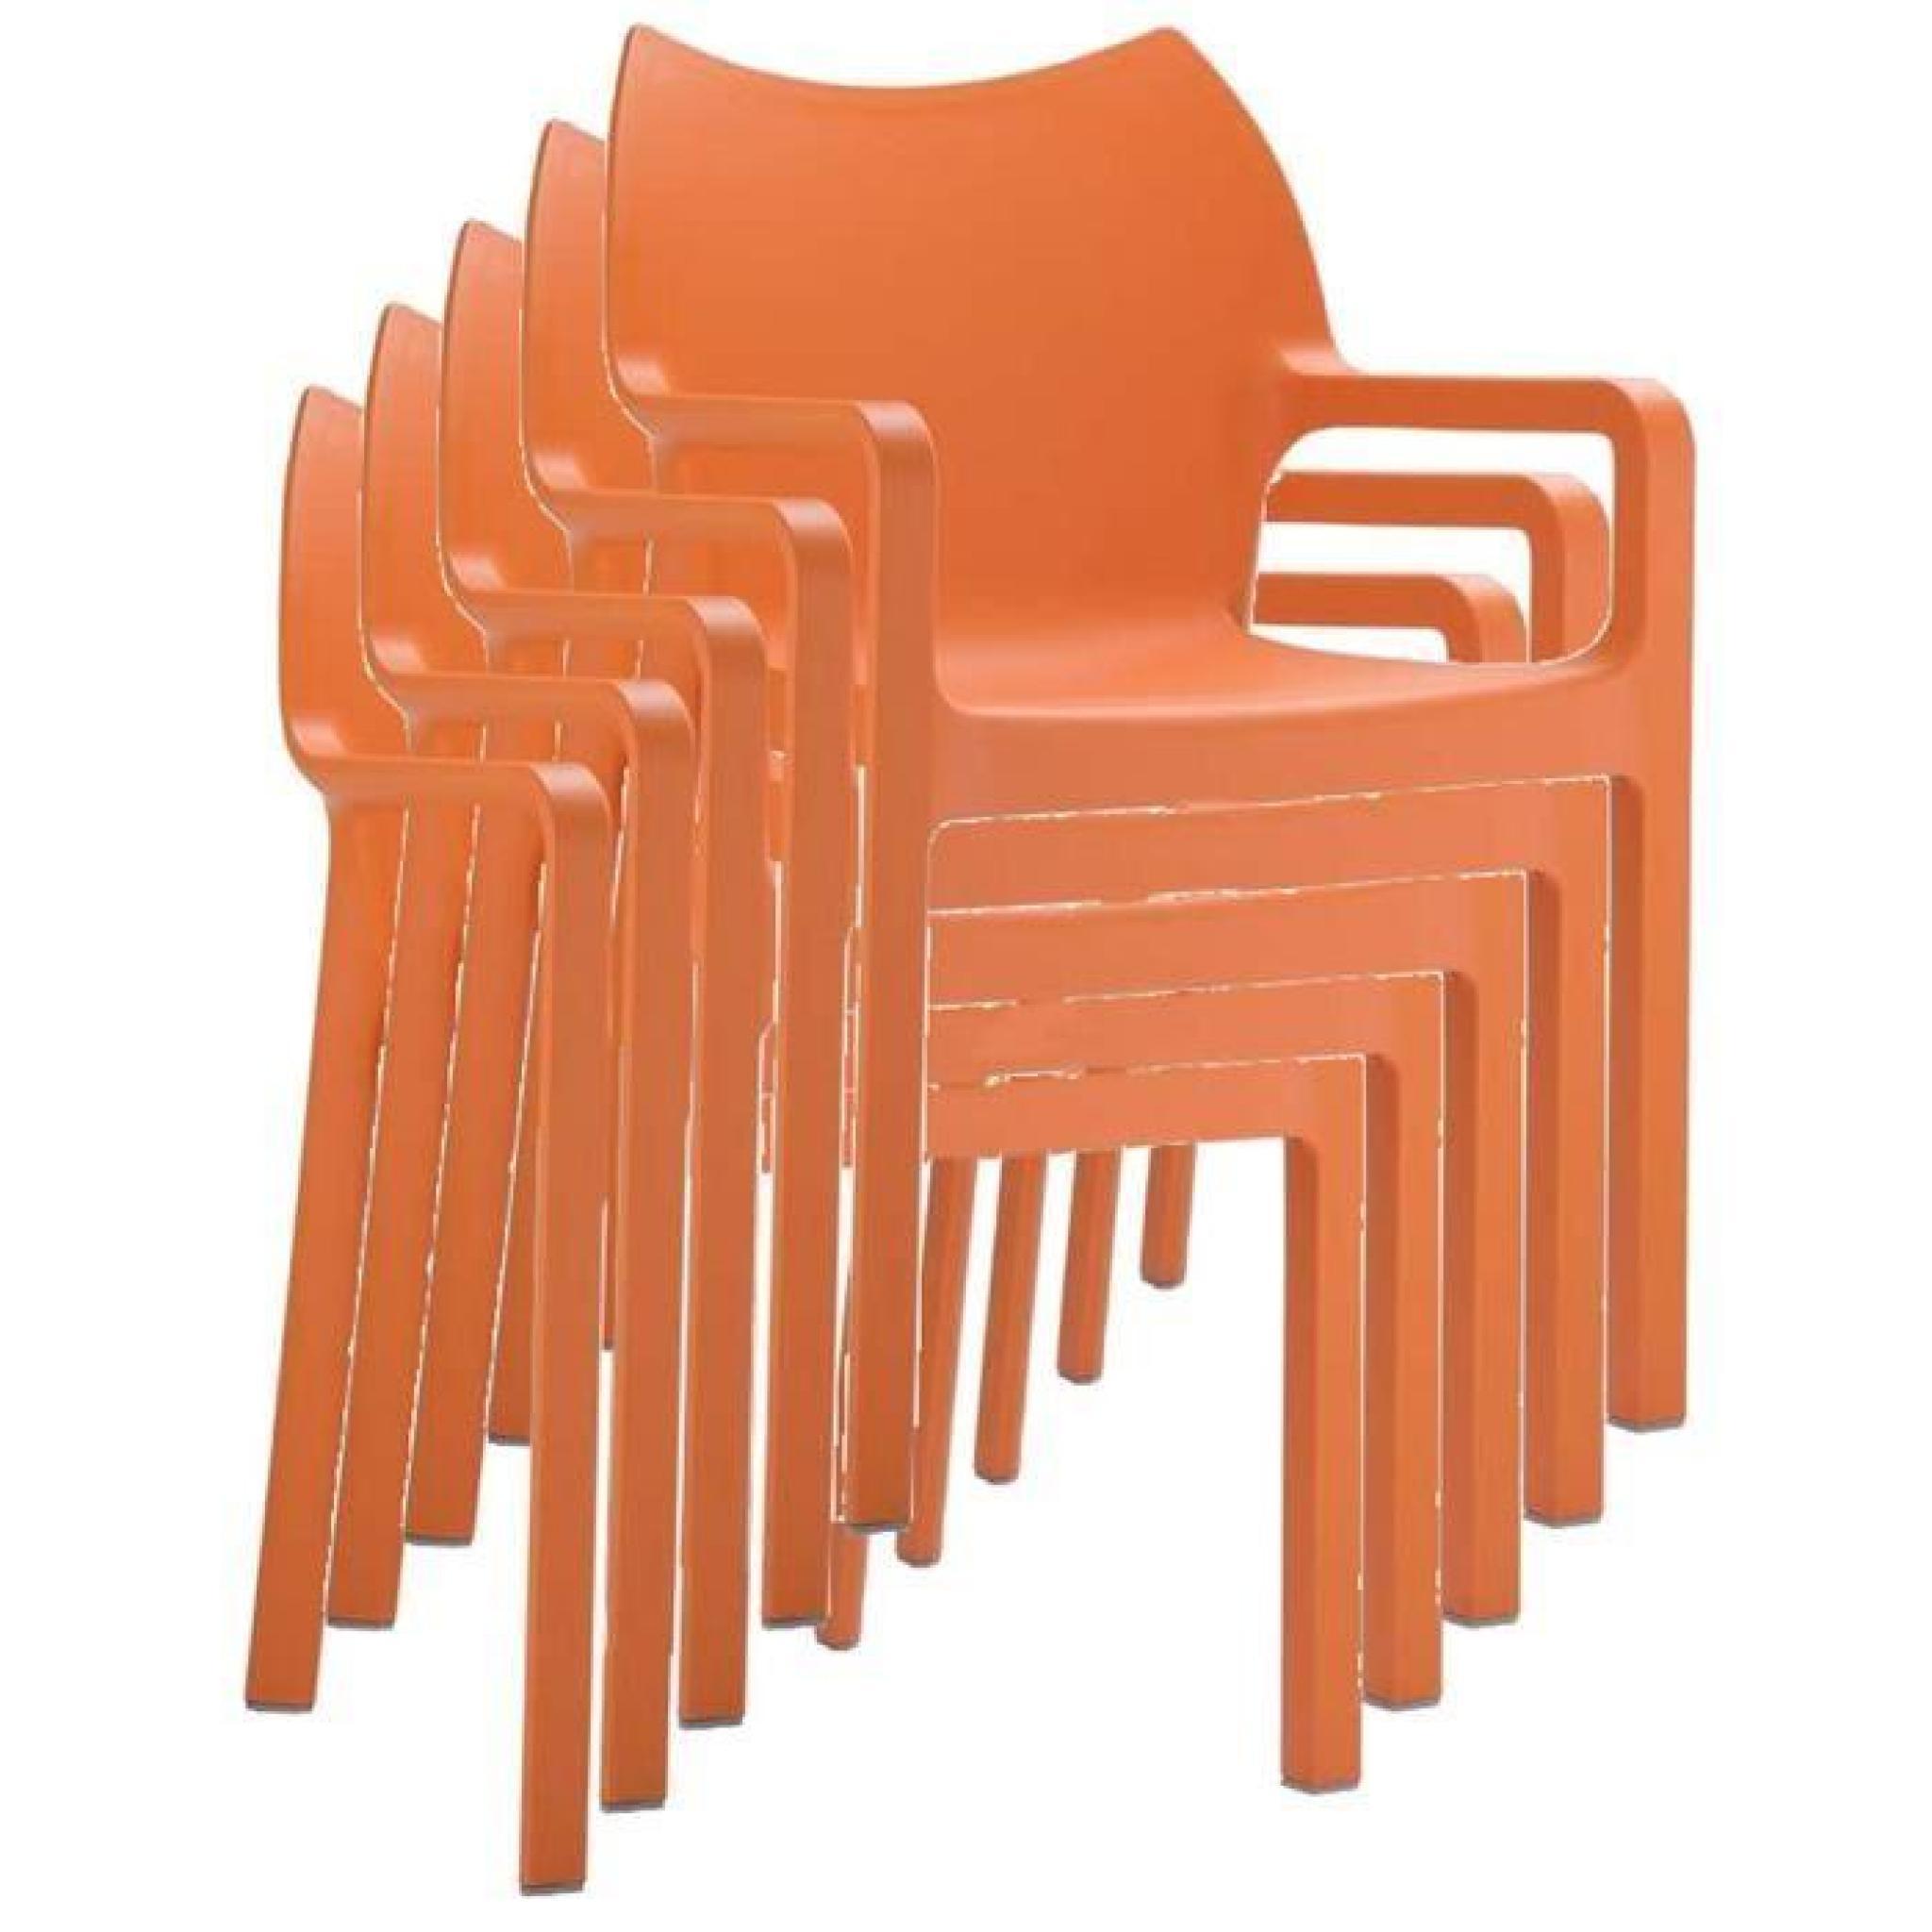 Chaise De Jardin Empilable En Plastique, Orange tout Chaise De Jardin Pas Cher En Plastique